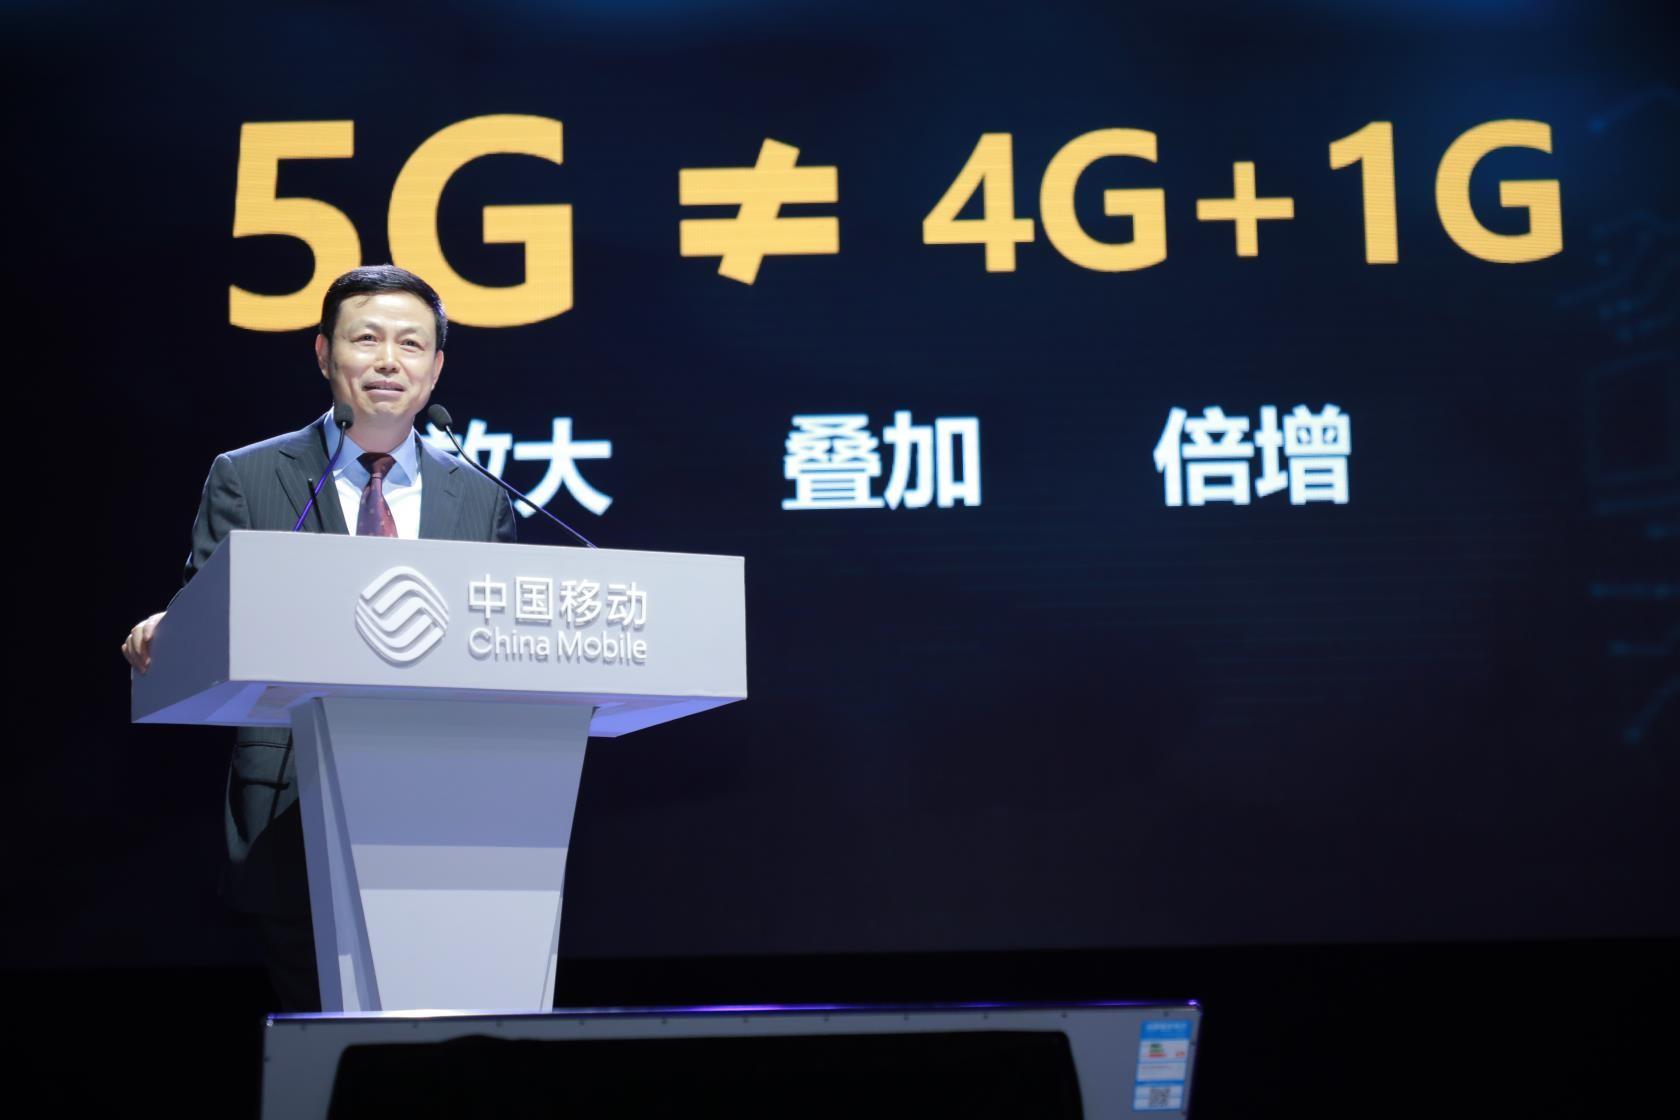 中国移动5G+计划正式发布 推动5G产业发展